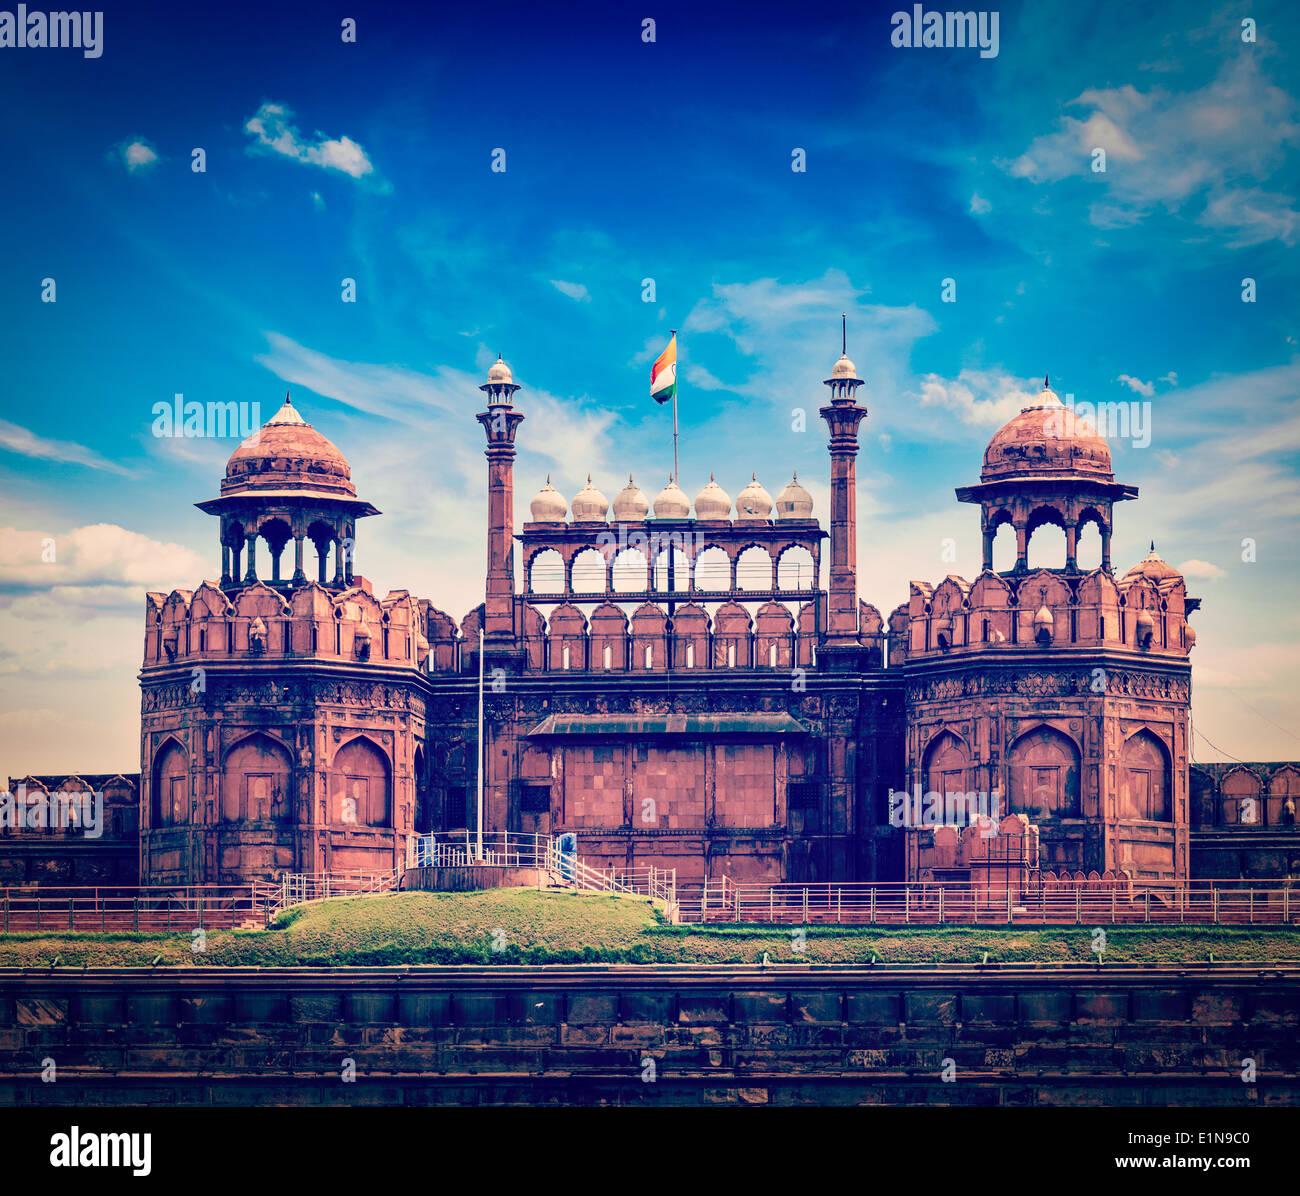 Vintage Retro-Hipster Stil reisen Foto von Indien Reisen Tourismus Hintergrund - Red Fort (Lal Qila) Delhi - World Heritage Site. Stockbild